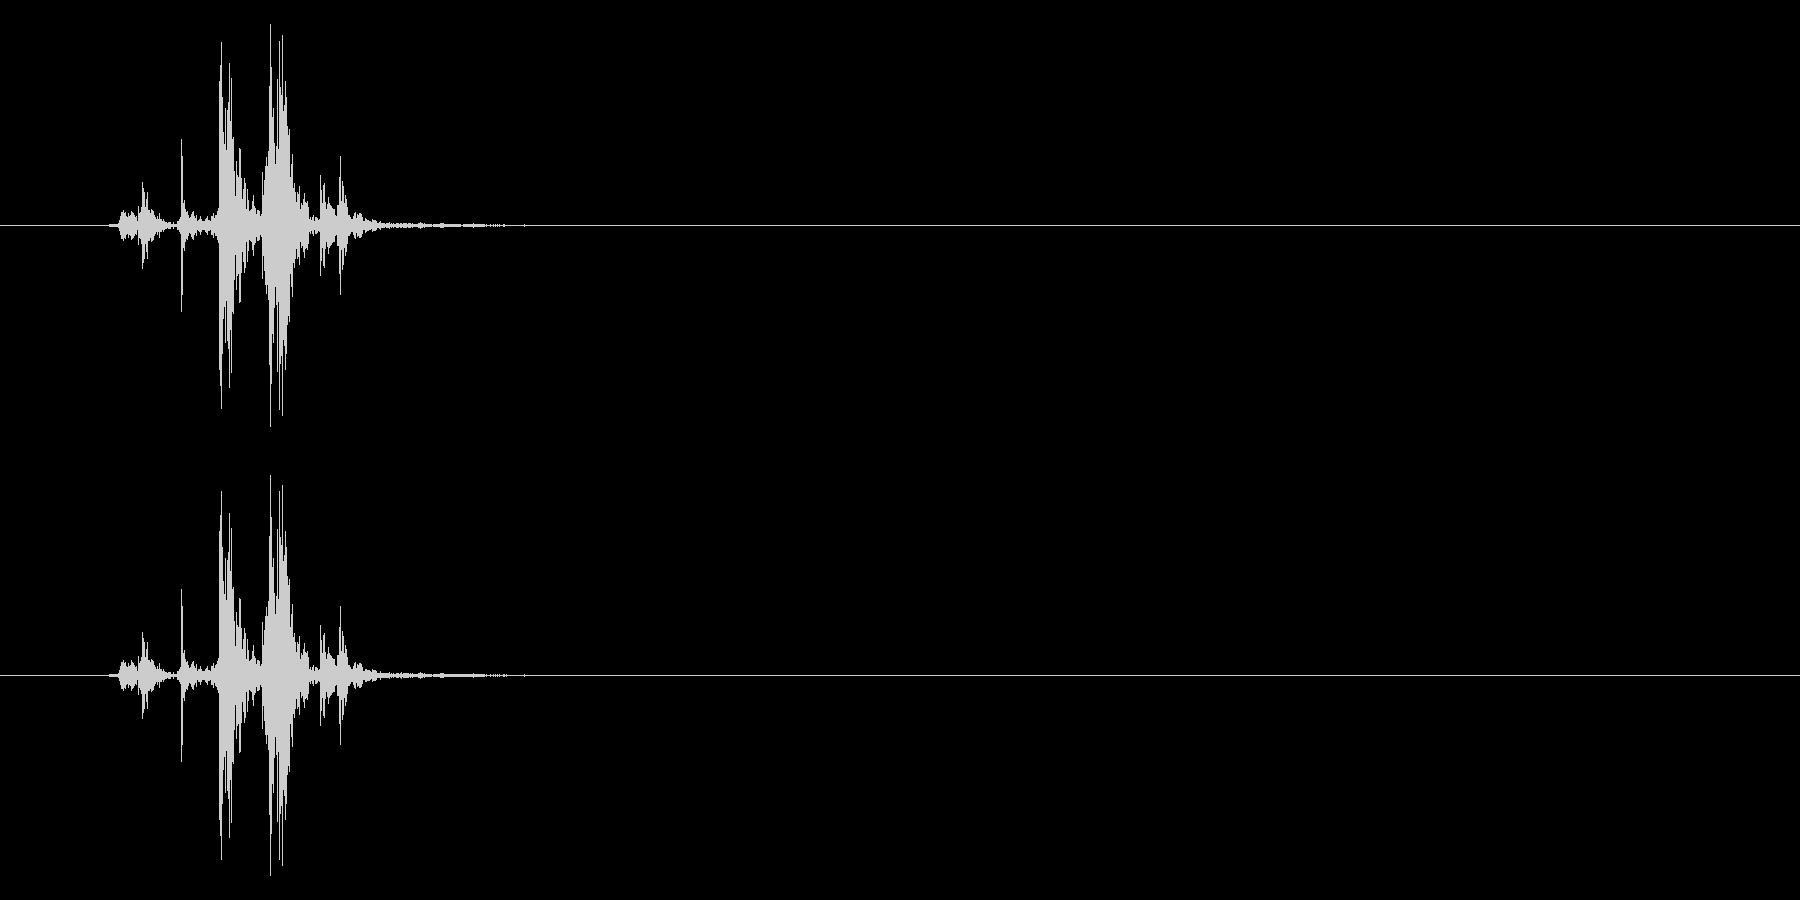 カメラ インスタント01-08(構える)の未再生の波形